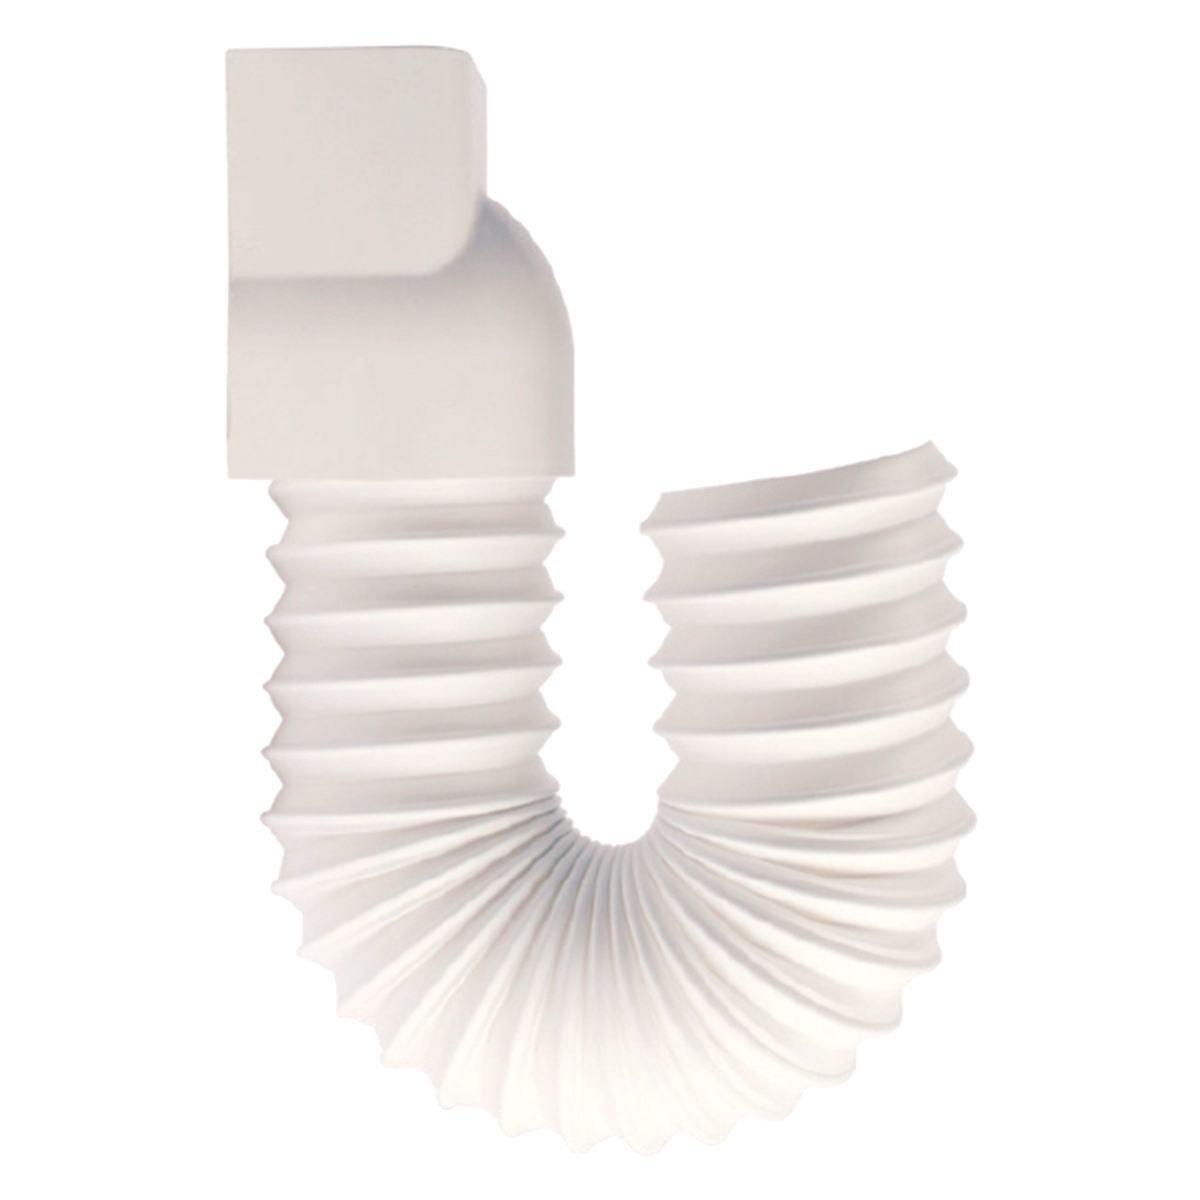 Overgang fleksibel til udedel 80 x 60 mm hvid